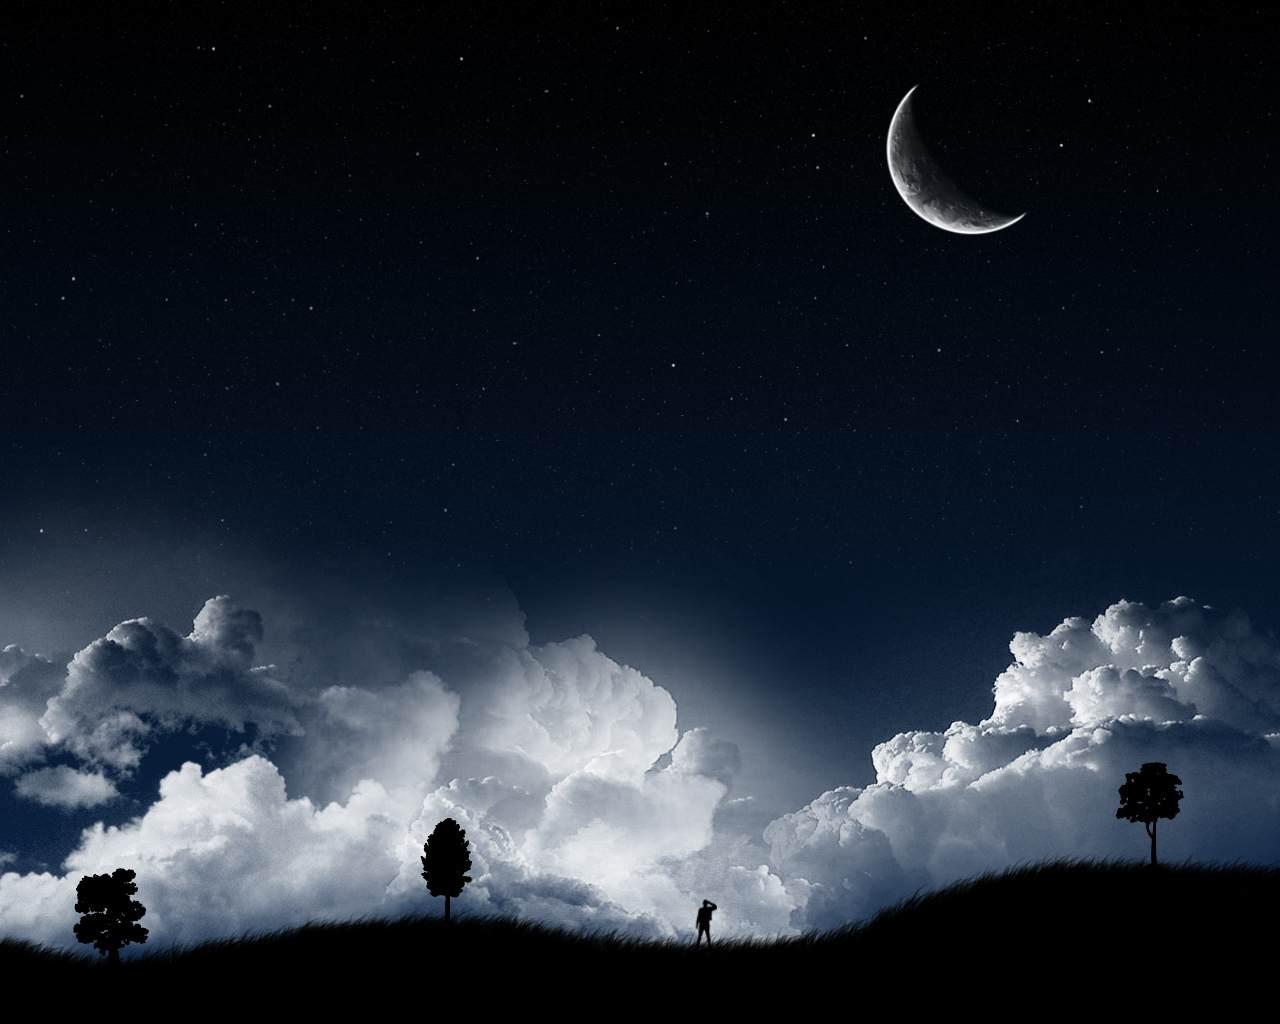 صوره كلمات عن الليل همسات فى هدوء الليل